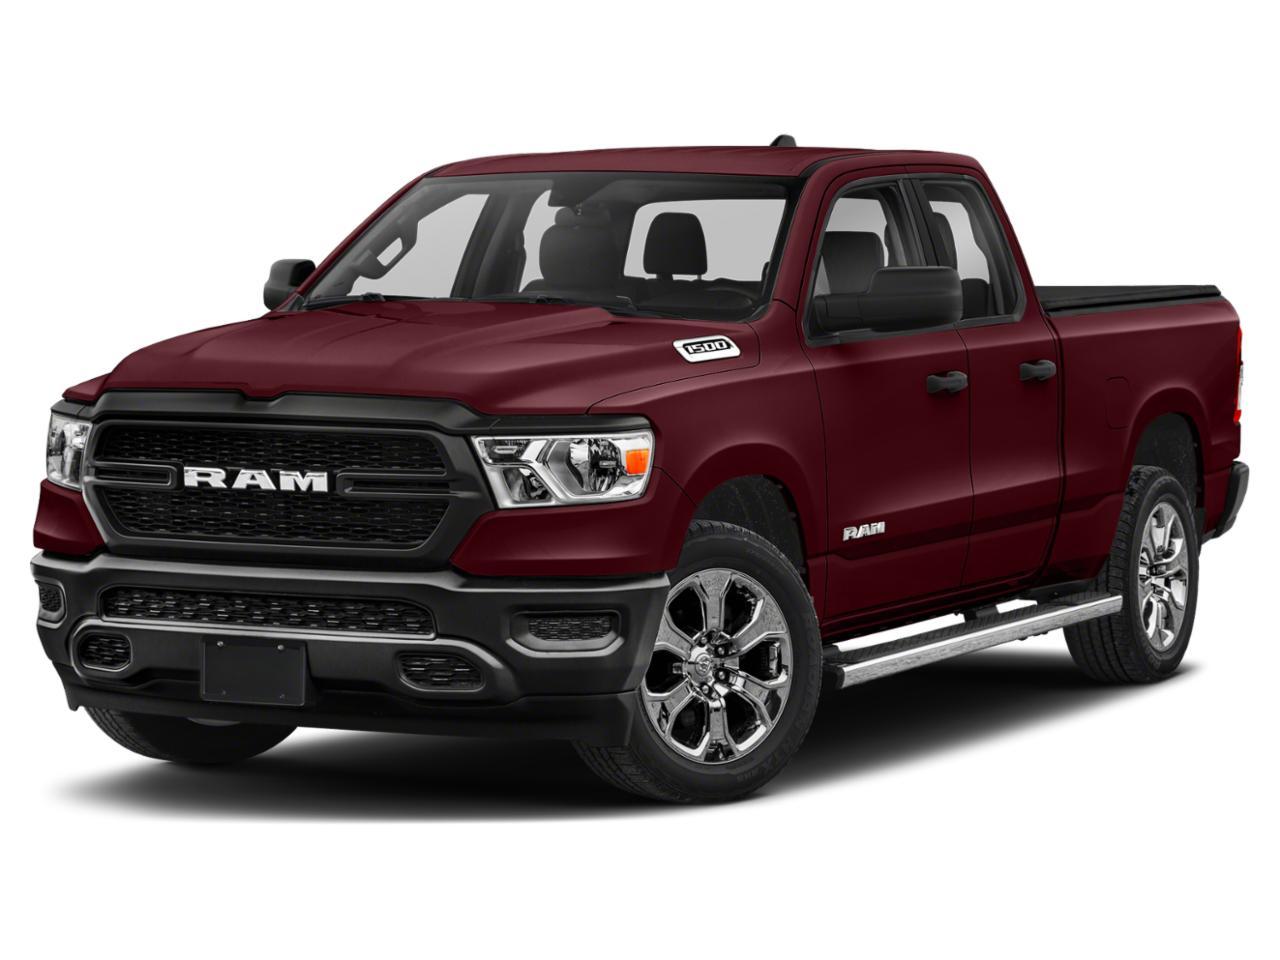 2019 Ram 1500 Vehicle Photo in Washington, NJ 07882